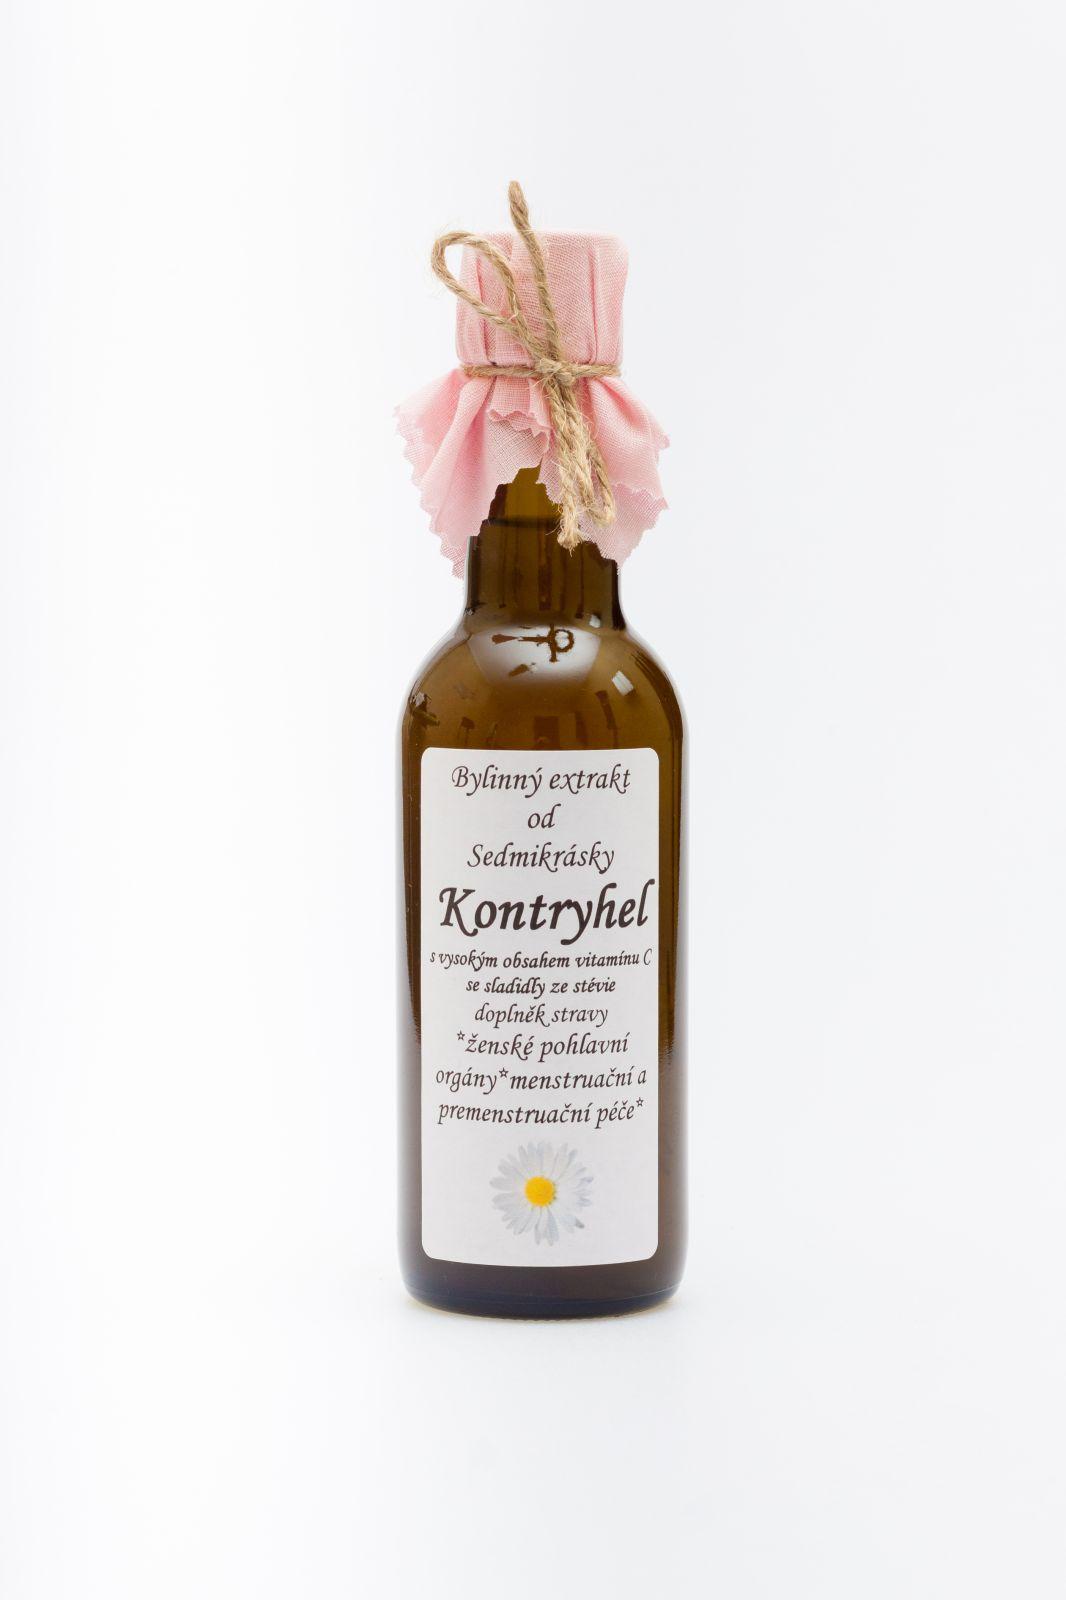 Sedmikráska bylinný extrakt Kontryhel 250ml ženské pohlavní orgány, menstruační a premenstruační péče doplněk stravy Rodinná farma Sedmikráska